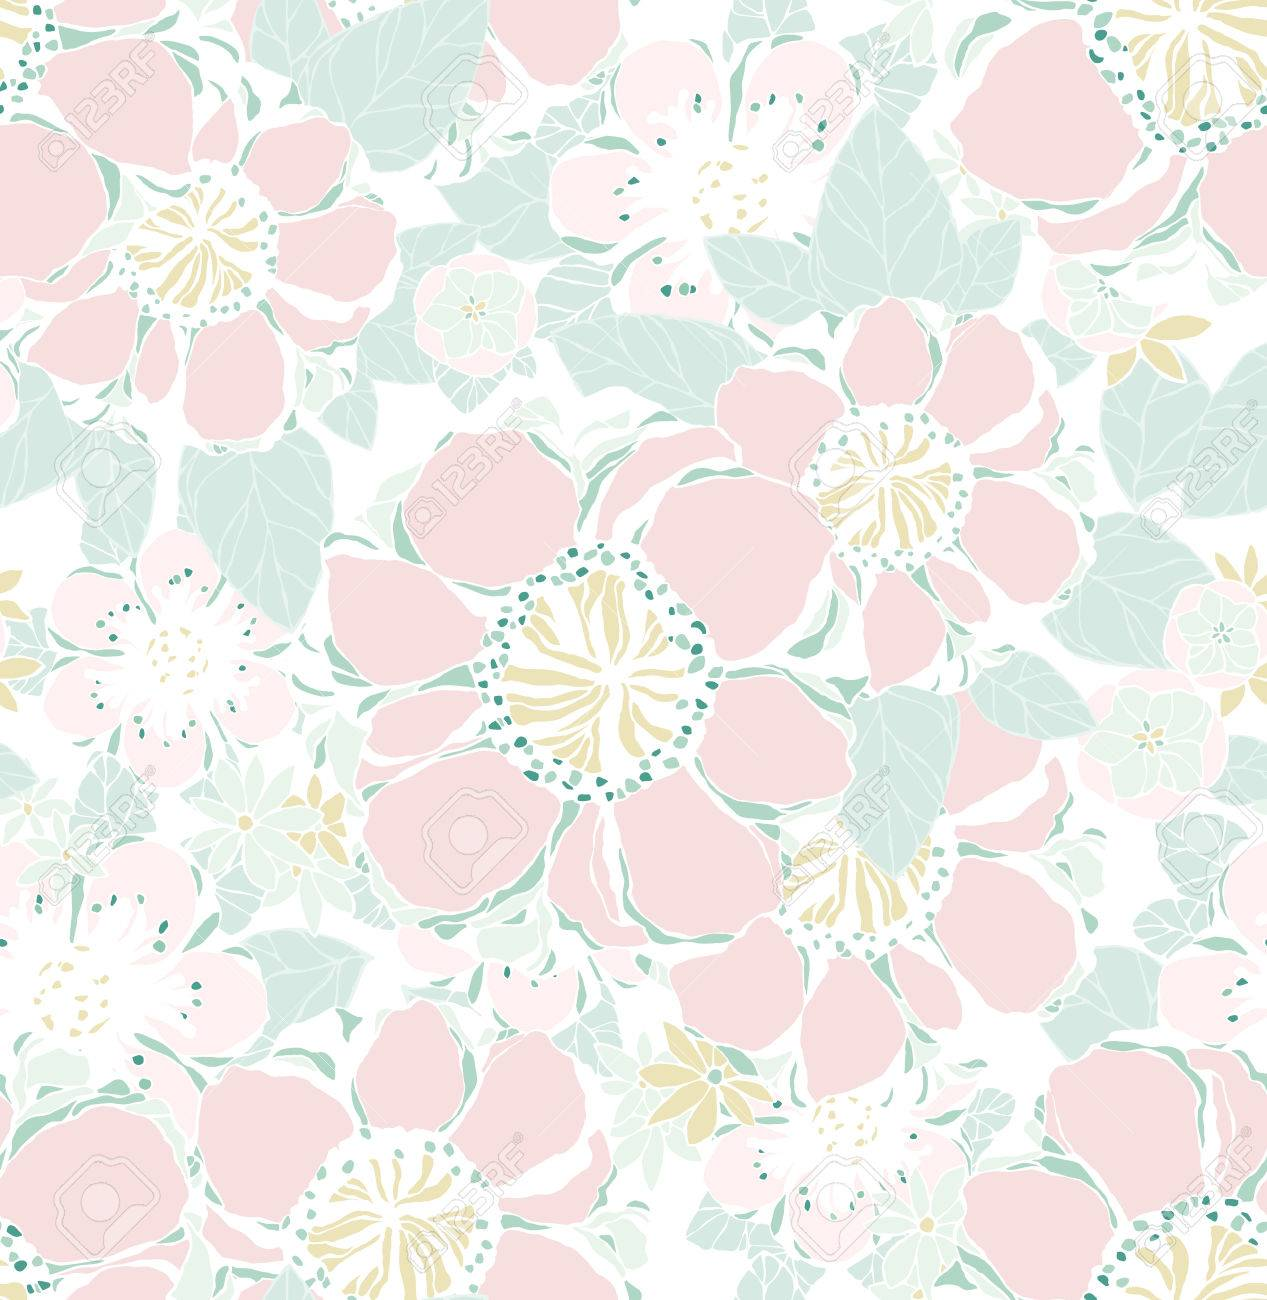 Seamless Avec Des Fleurs Decoratives Papier Peint Vintage Vector